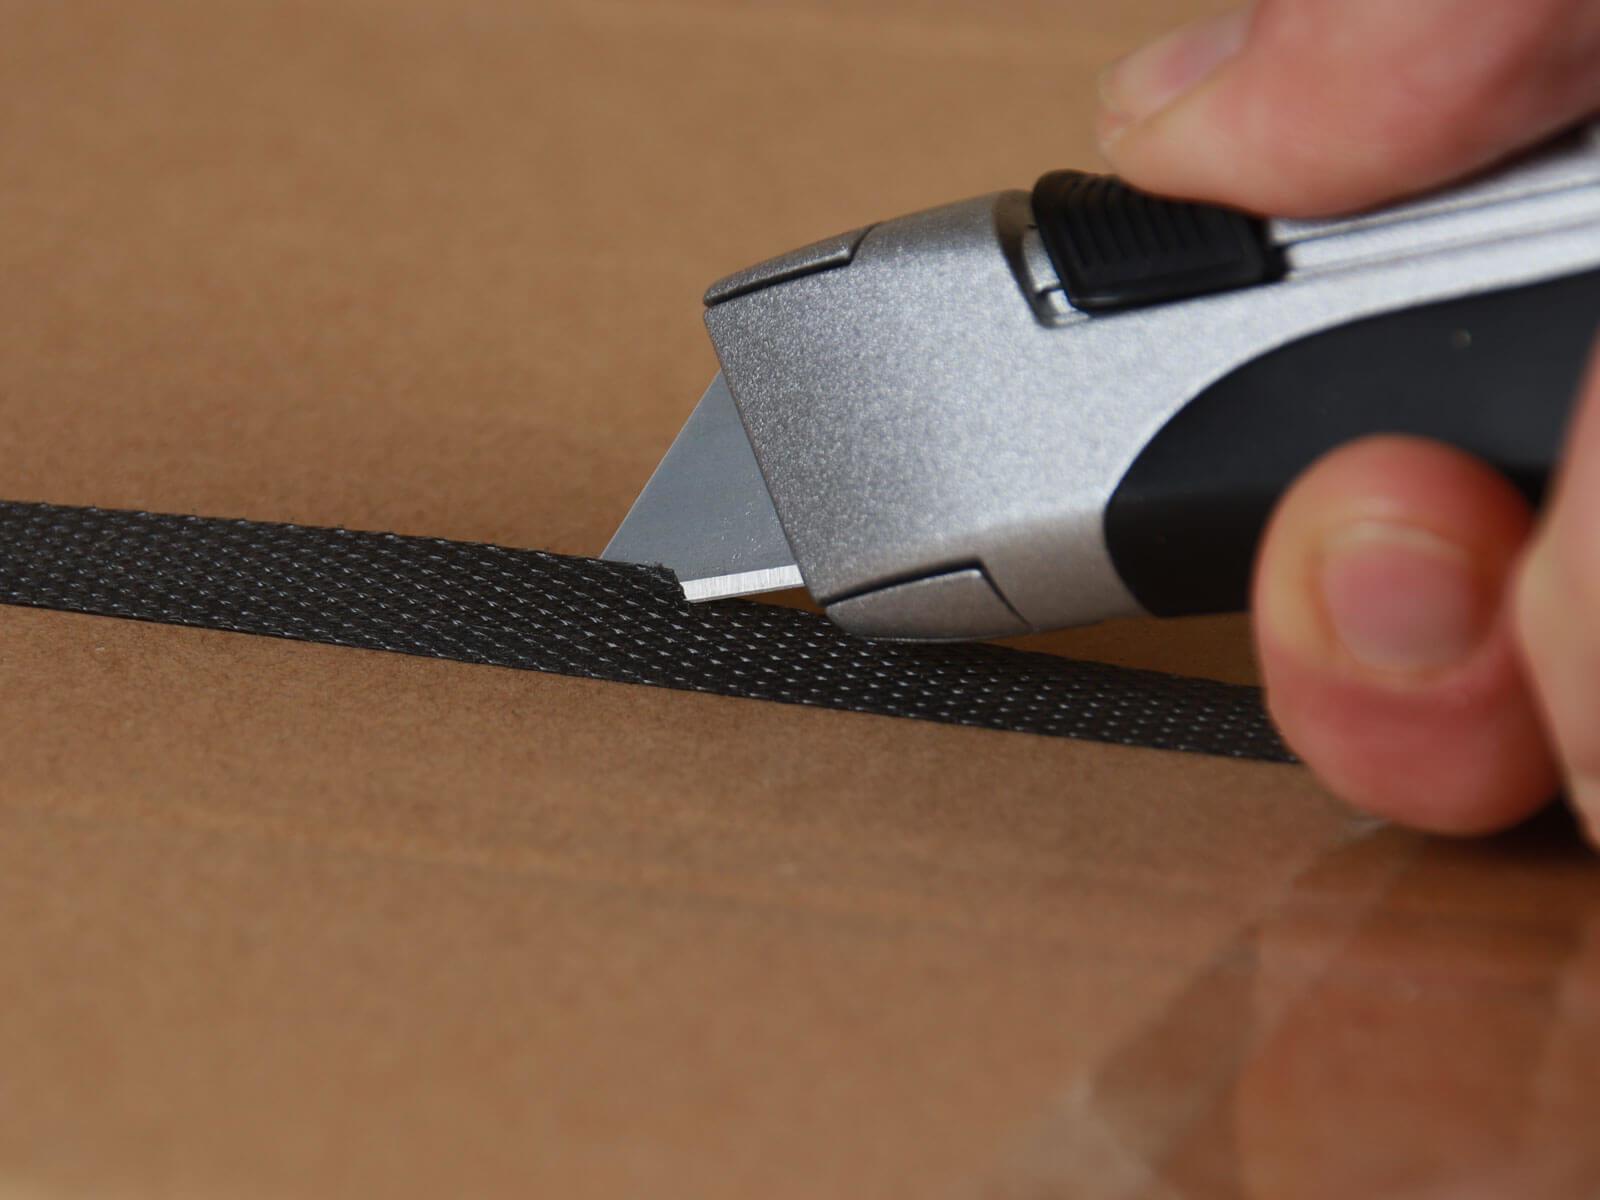 U004 Sicherheitsmesser vollautomatischer Klingenrückzug Umreifungsband schneiden CURT-tools